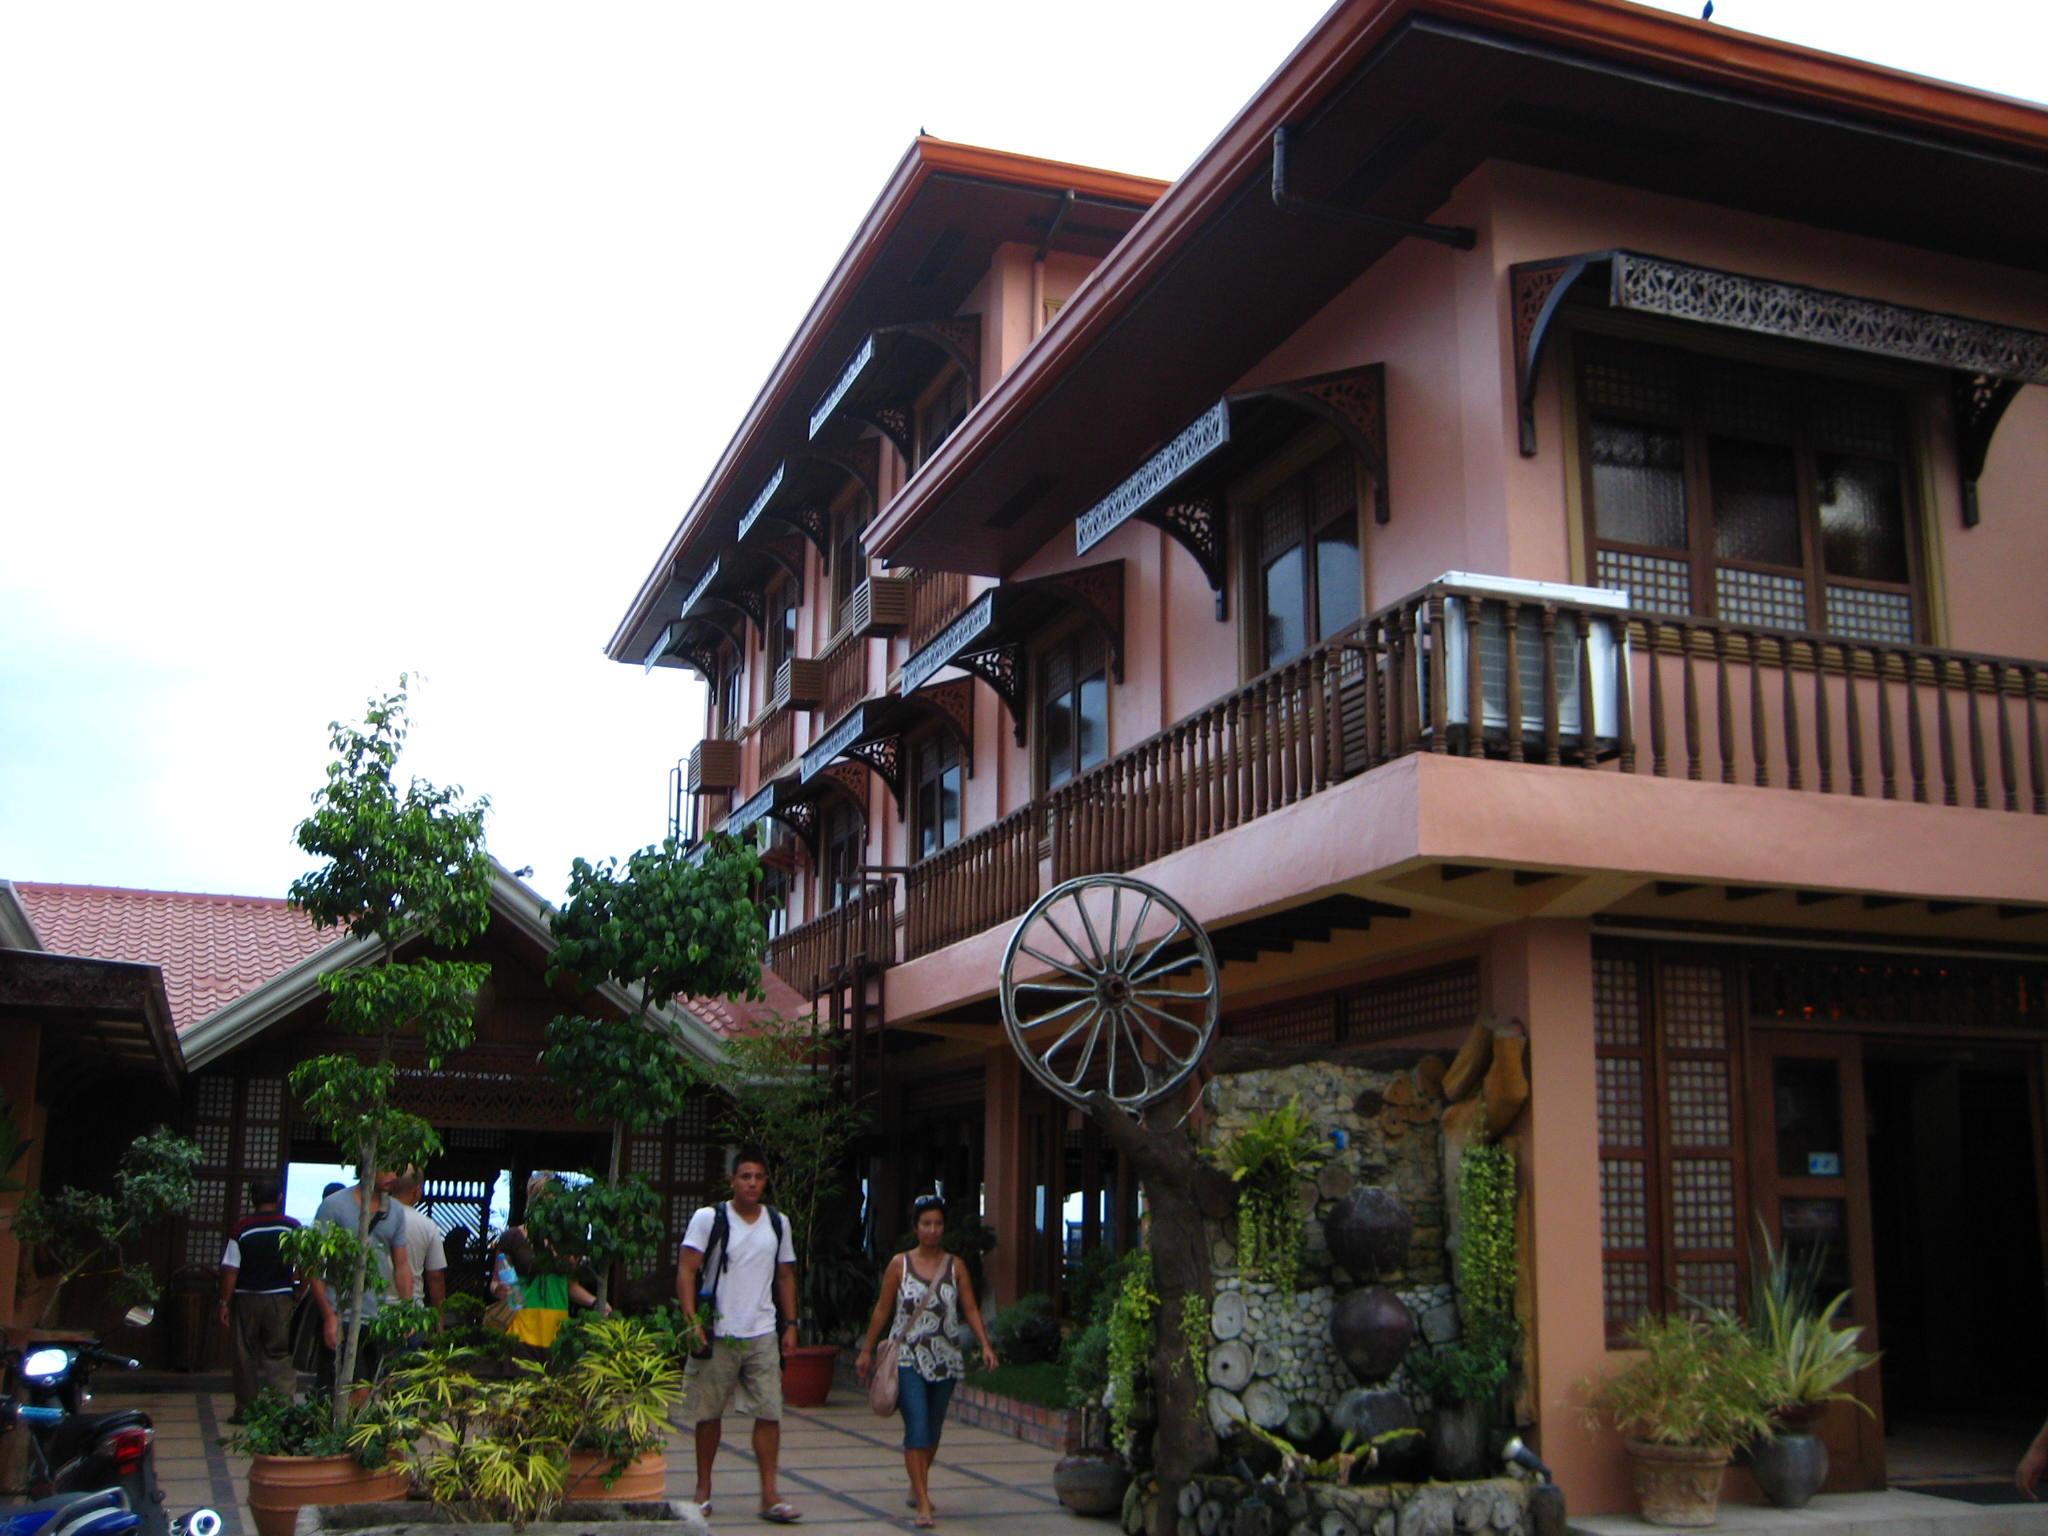 Capiz windows philippine interiors and architecture for Capiz window